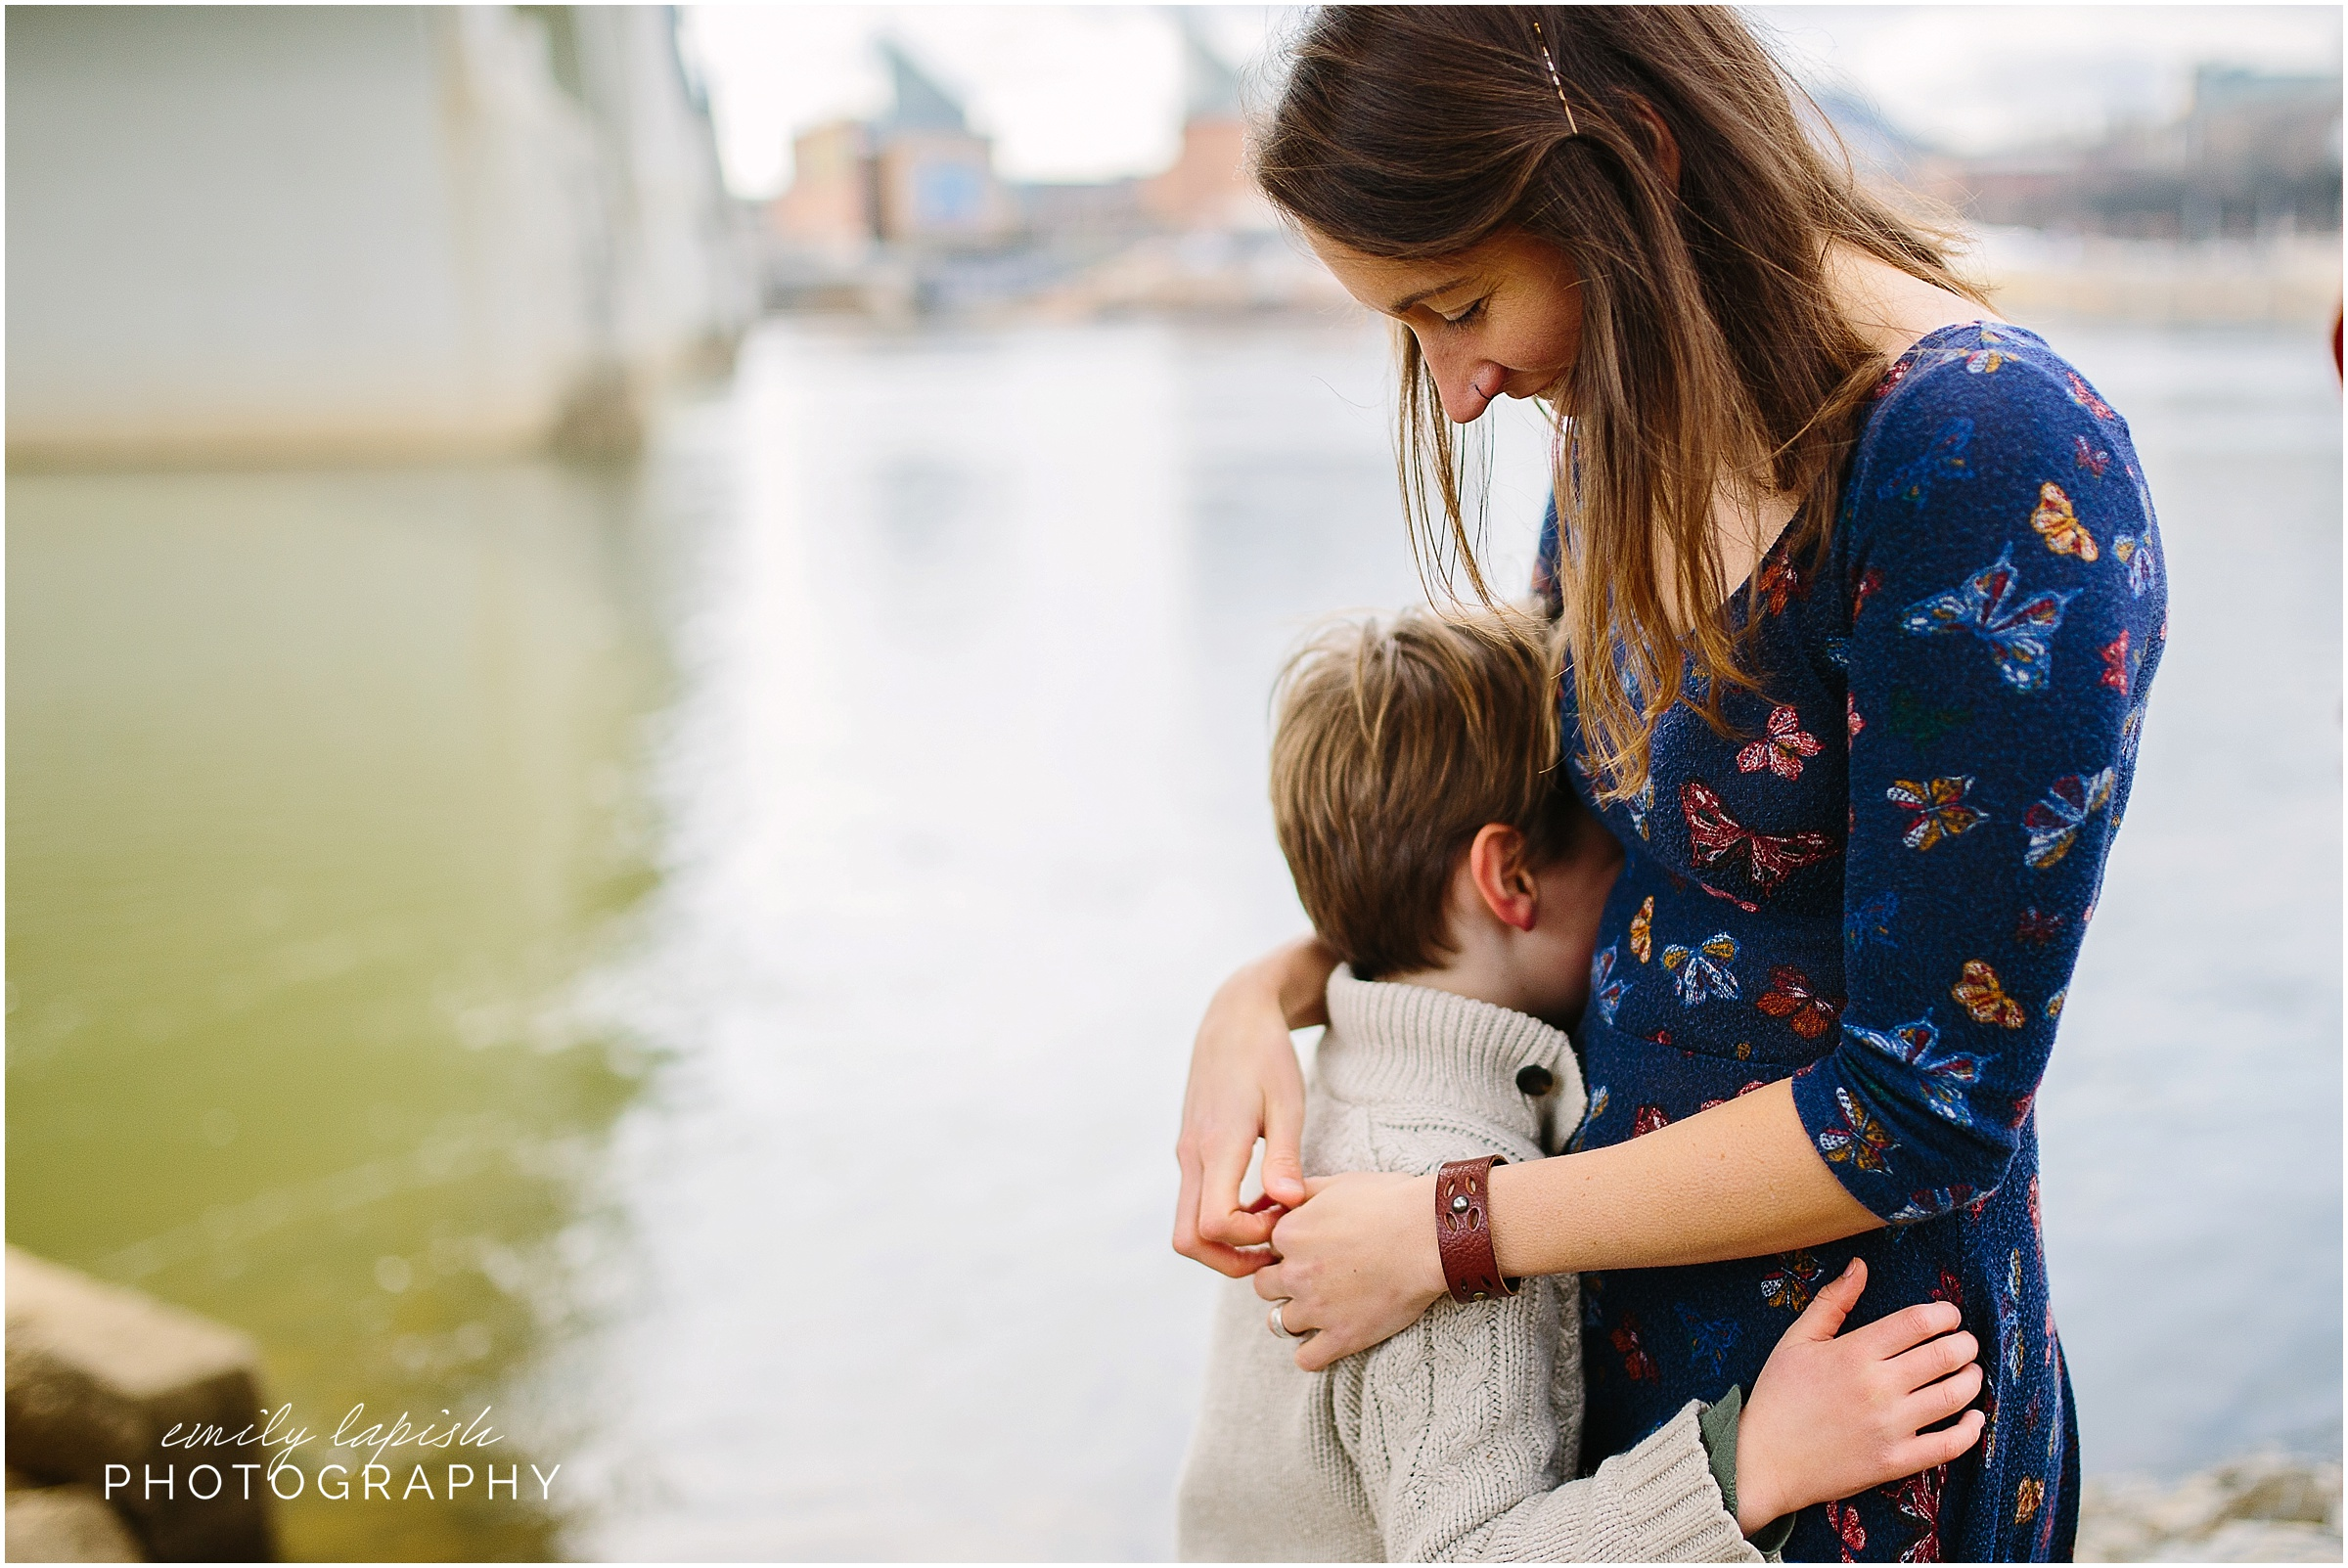 Chattanooga family photographer Emily Lapish Photography_0147